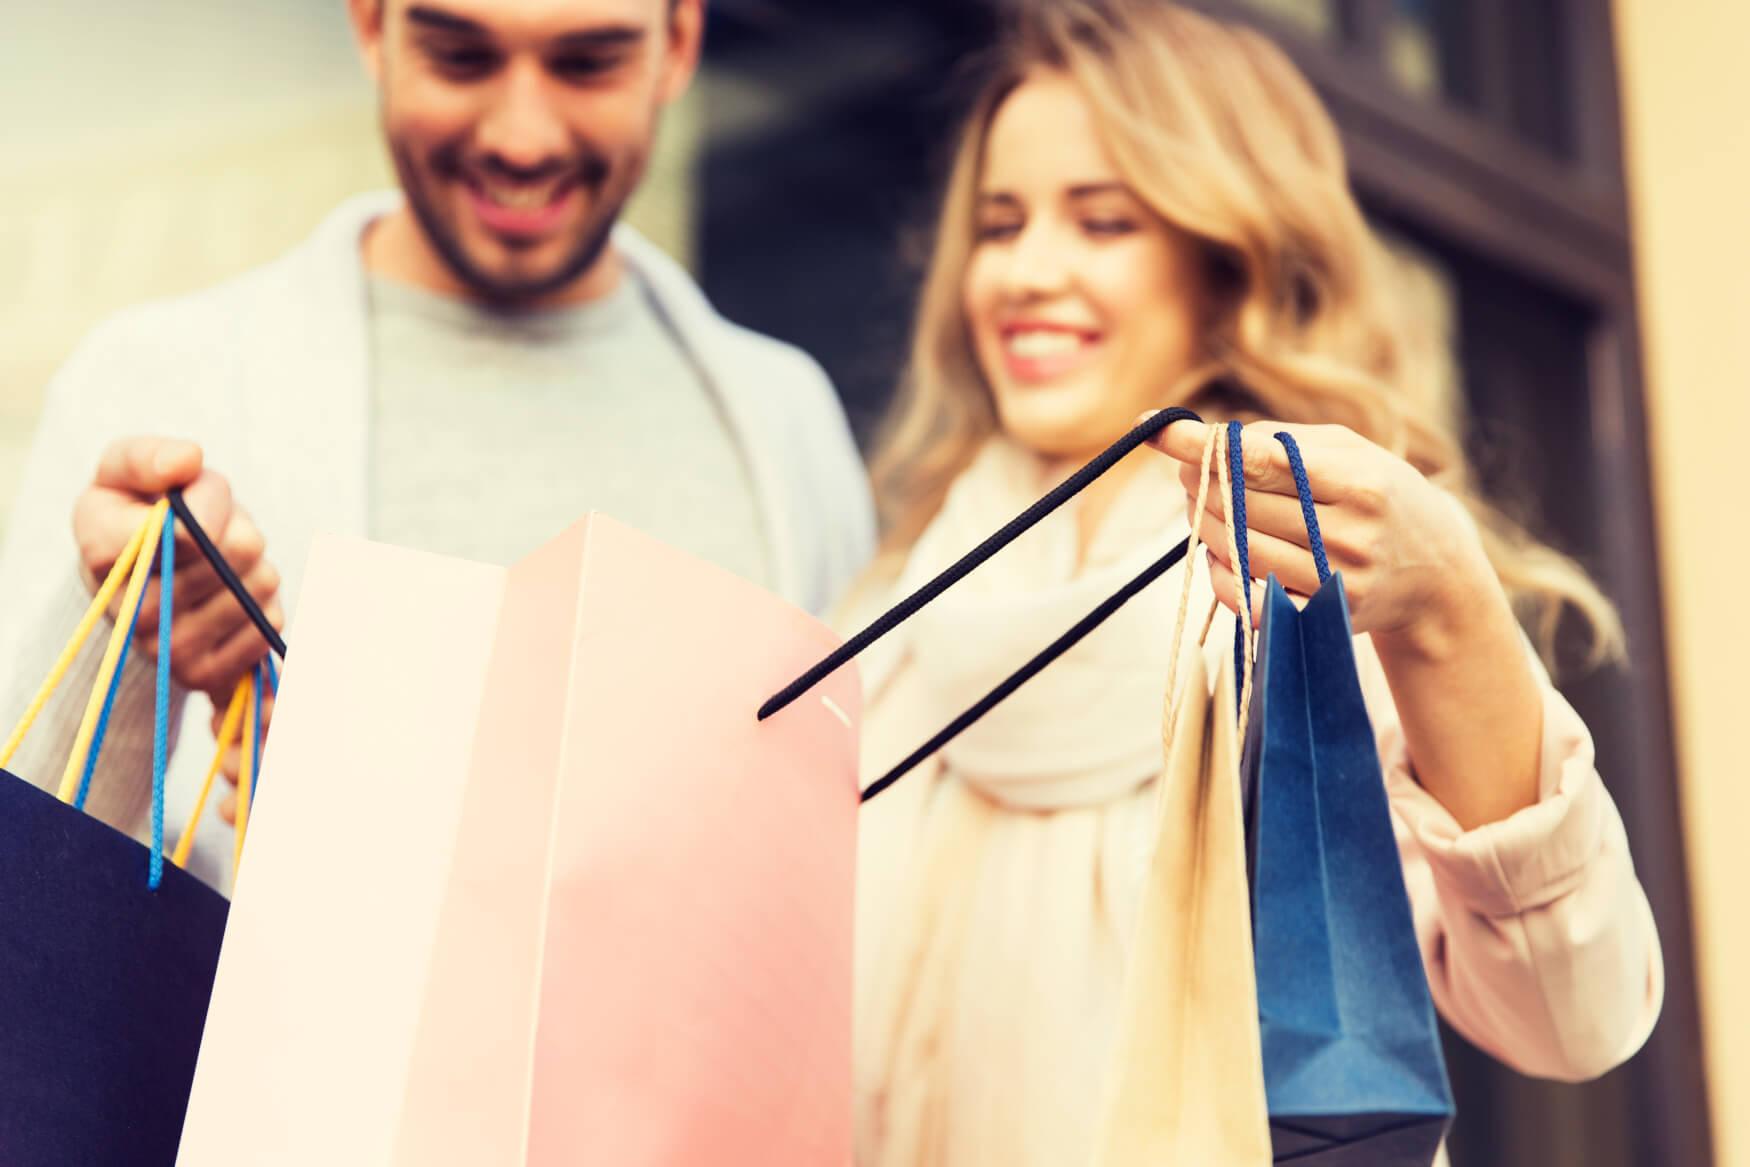 Pärchen-beim-Shoppen-mit-Einkaufstüten